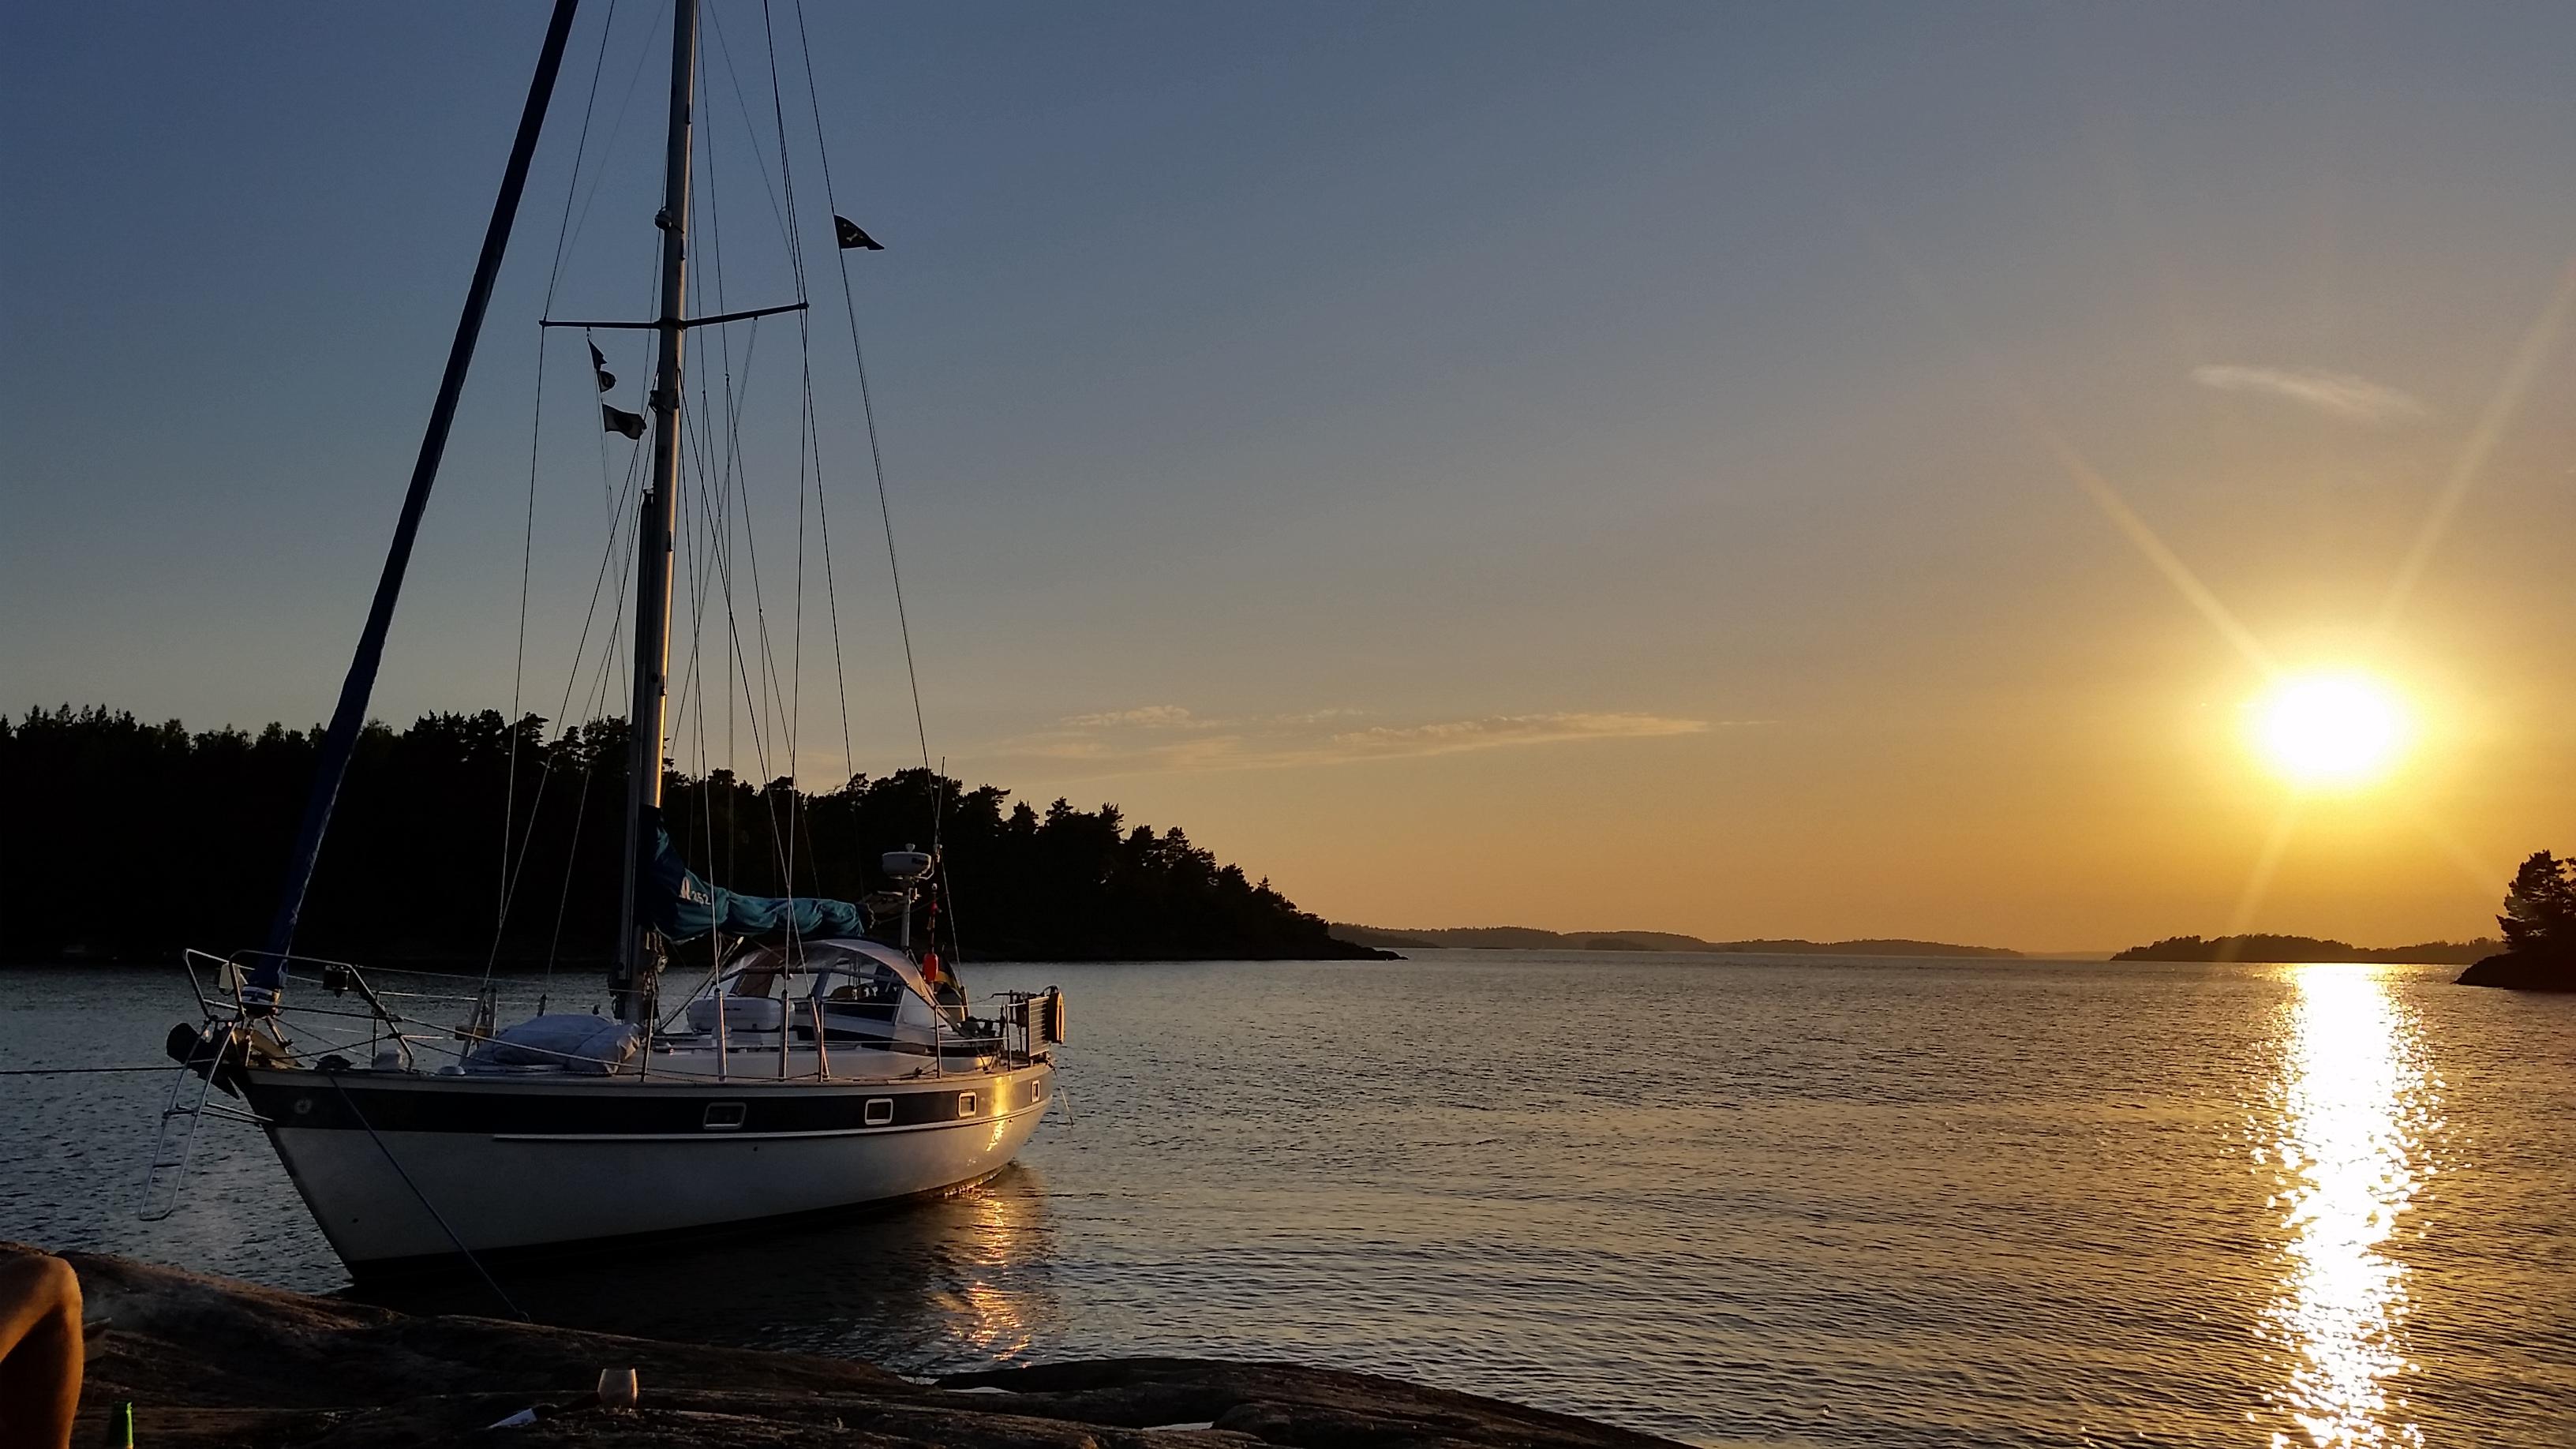 solnedgangjpg